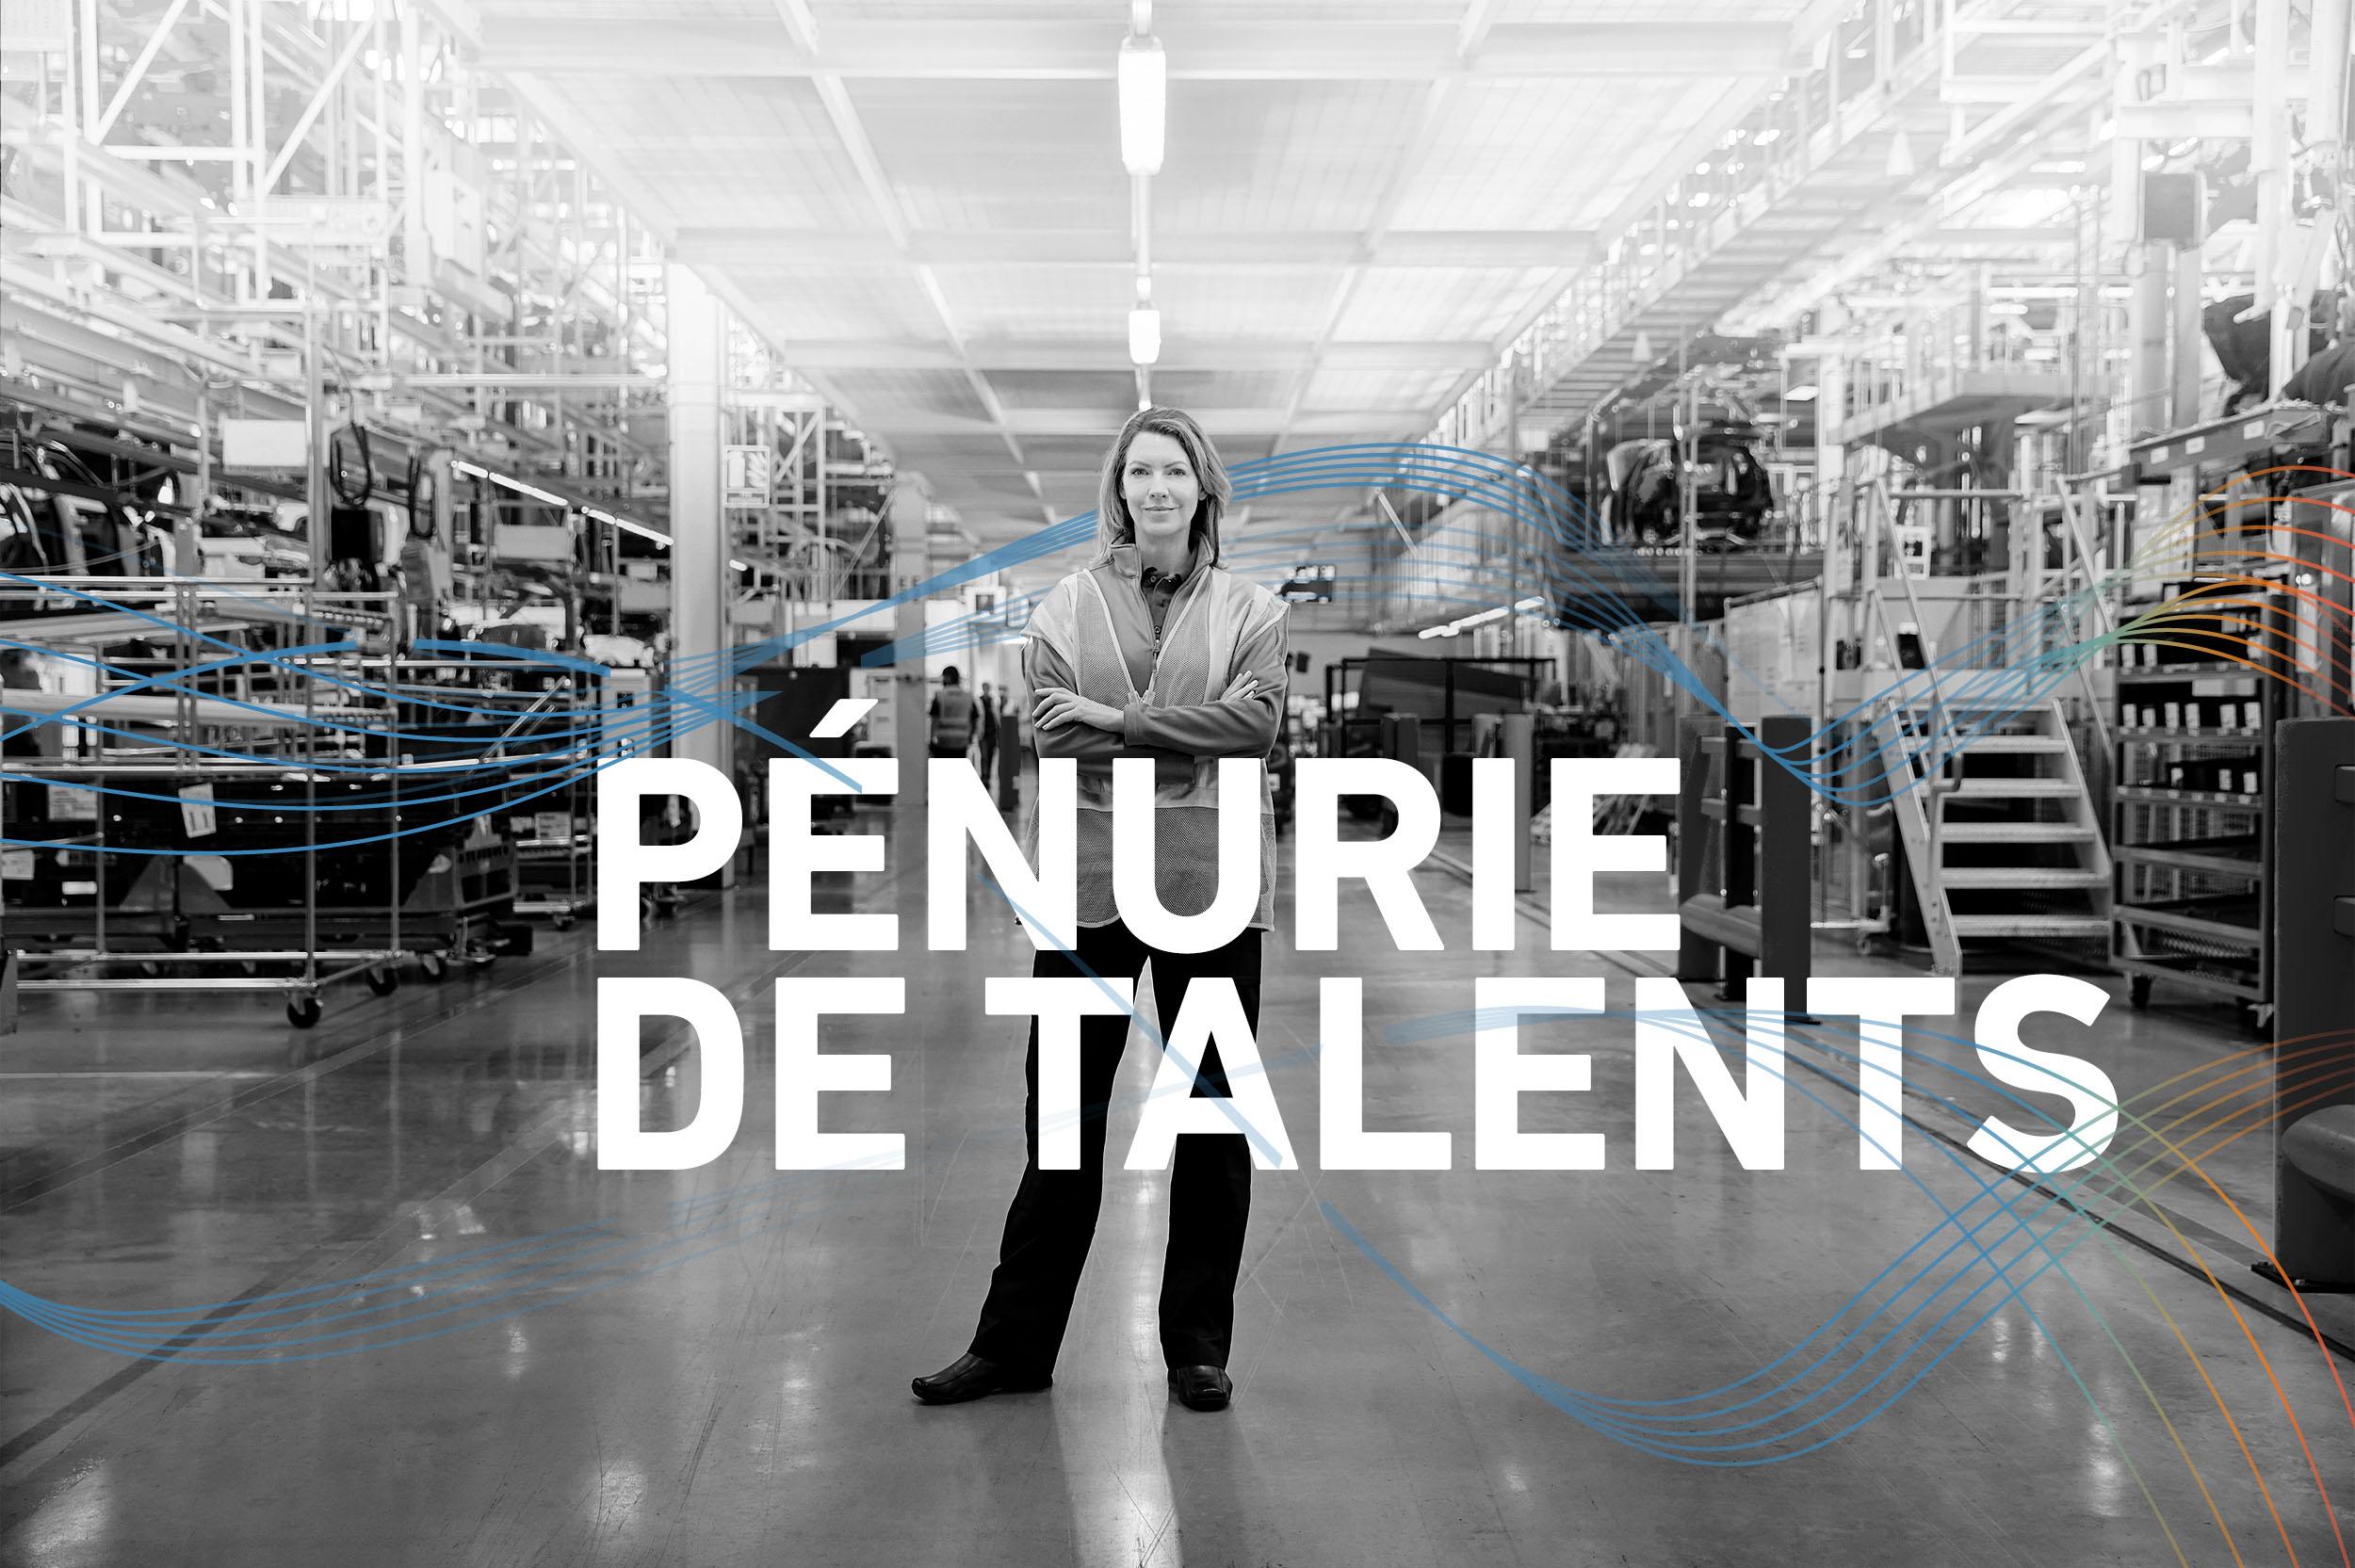 Une femme debout dans un environnement de fabrication